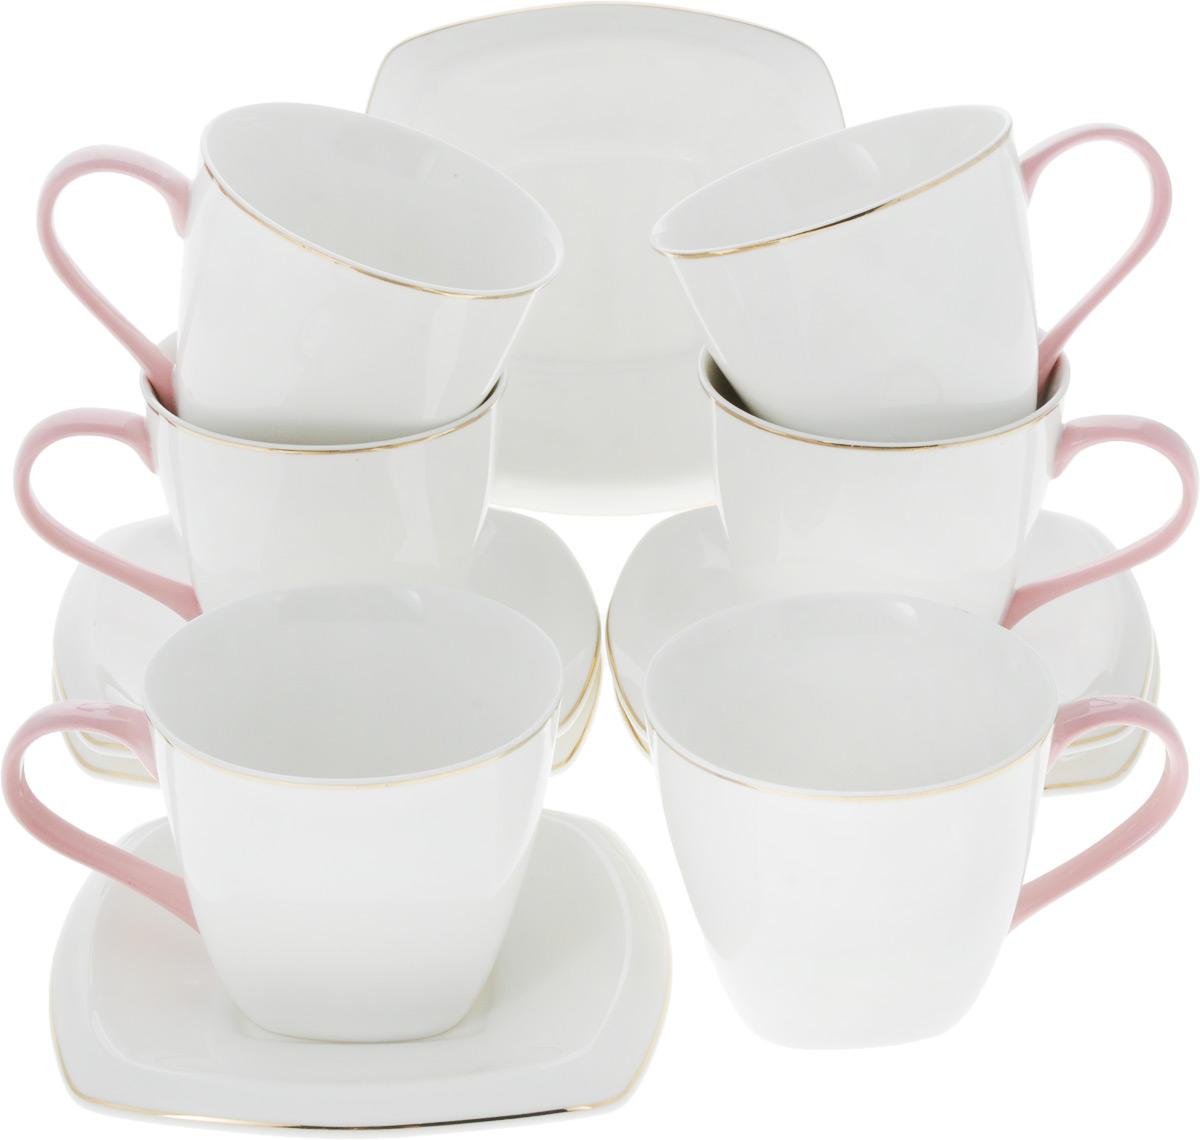 Сервиз чайный Loraine Нежность, 12 предметов. 26641115510Чайный сервиз Loraine на 6 персон выполнен из высококачественного костяного фарфора - материала, безопасного для здоровья и надолго сохраняющего тепло напитка. В наборе 6 чашек и 6 блюдец. Несмотря на свою внешнюю хрупкость, каждый из предметов набора обладает высокой прочностью и надежностью. Элегантный классический дизайн с тонкой золотой каймой делает этот набор прекрасным украшением любого стола. Ручки чашек выполнены в розовом цвете.Набор аккуратно упакован в подарочную коробку, поэтому его можно преподнести в качестве оригинального и практичного подарка для своих родных и самых близких. Объем чашки: 220 мл. Диаметр чашки (по верхнему краю): 8,5 см. Высота чашки: 7 см. Размер блюдца: 13 х 13 см.